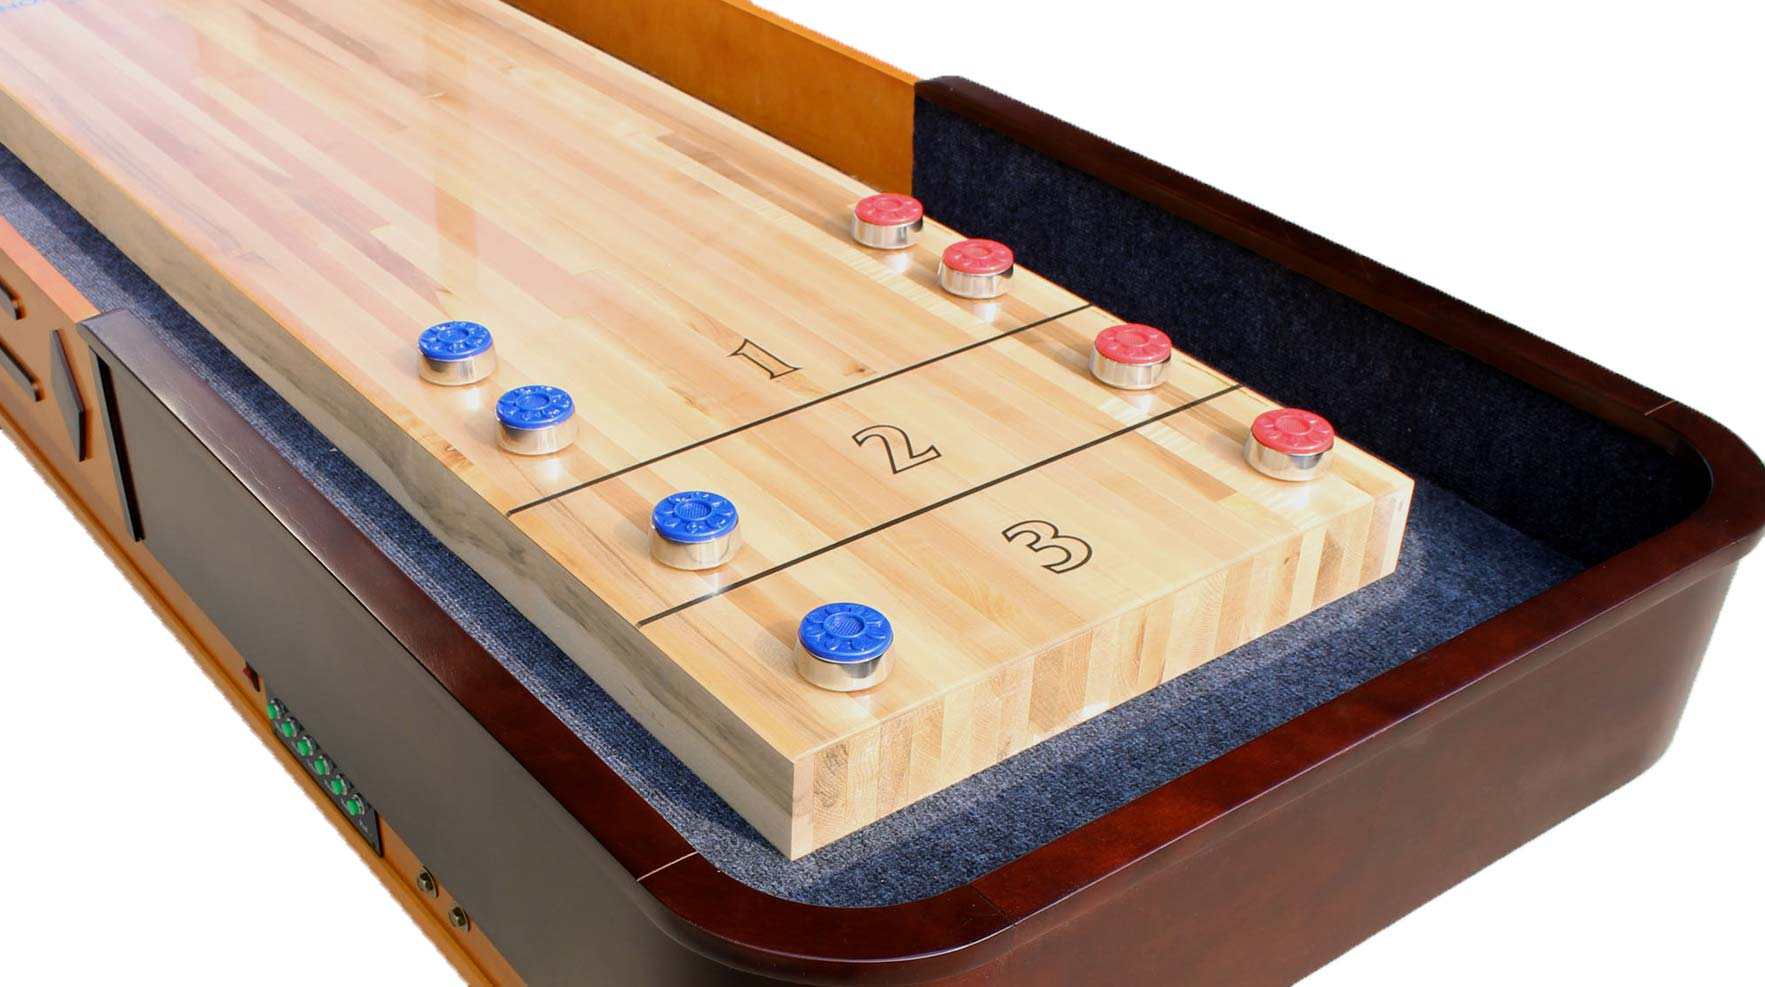 lage shuffleboard